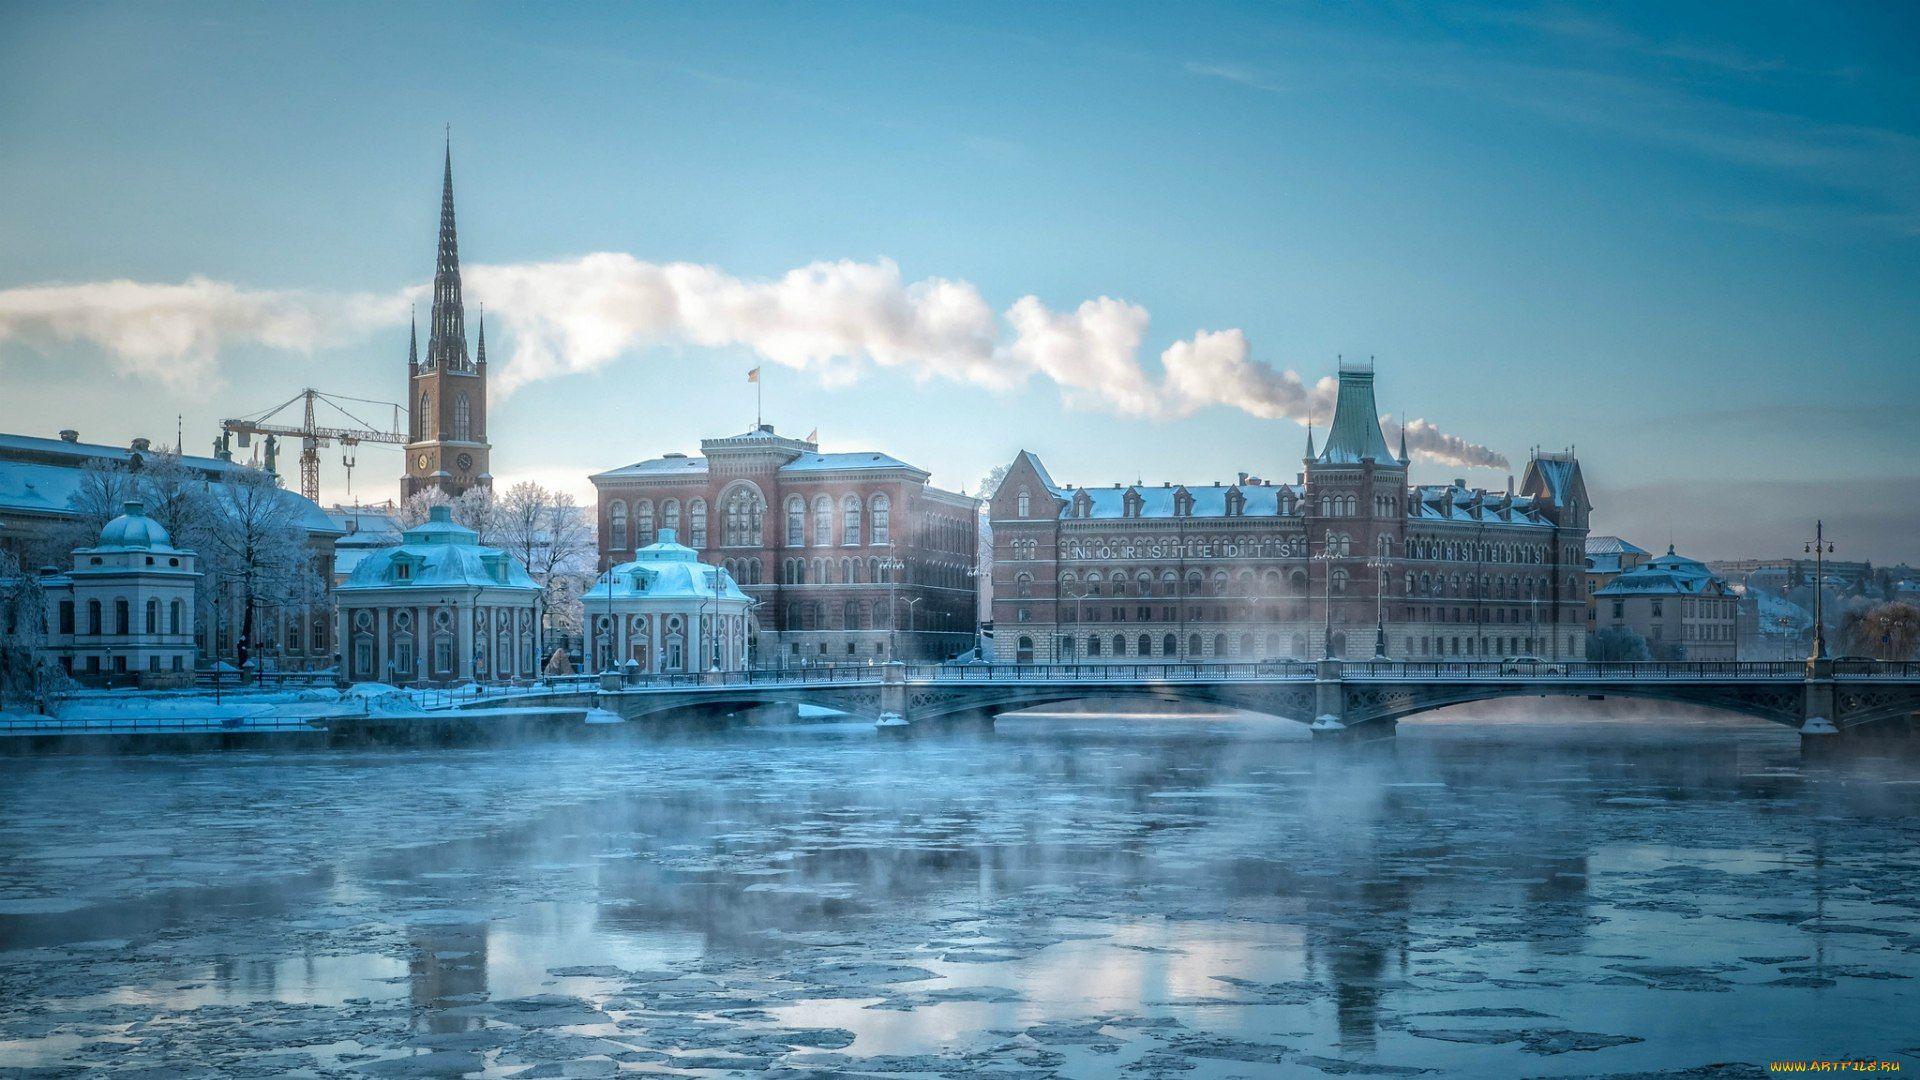 Sweden download wallpaper image